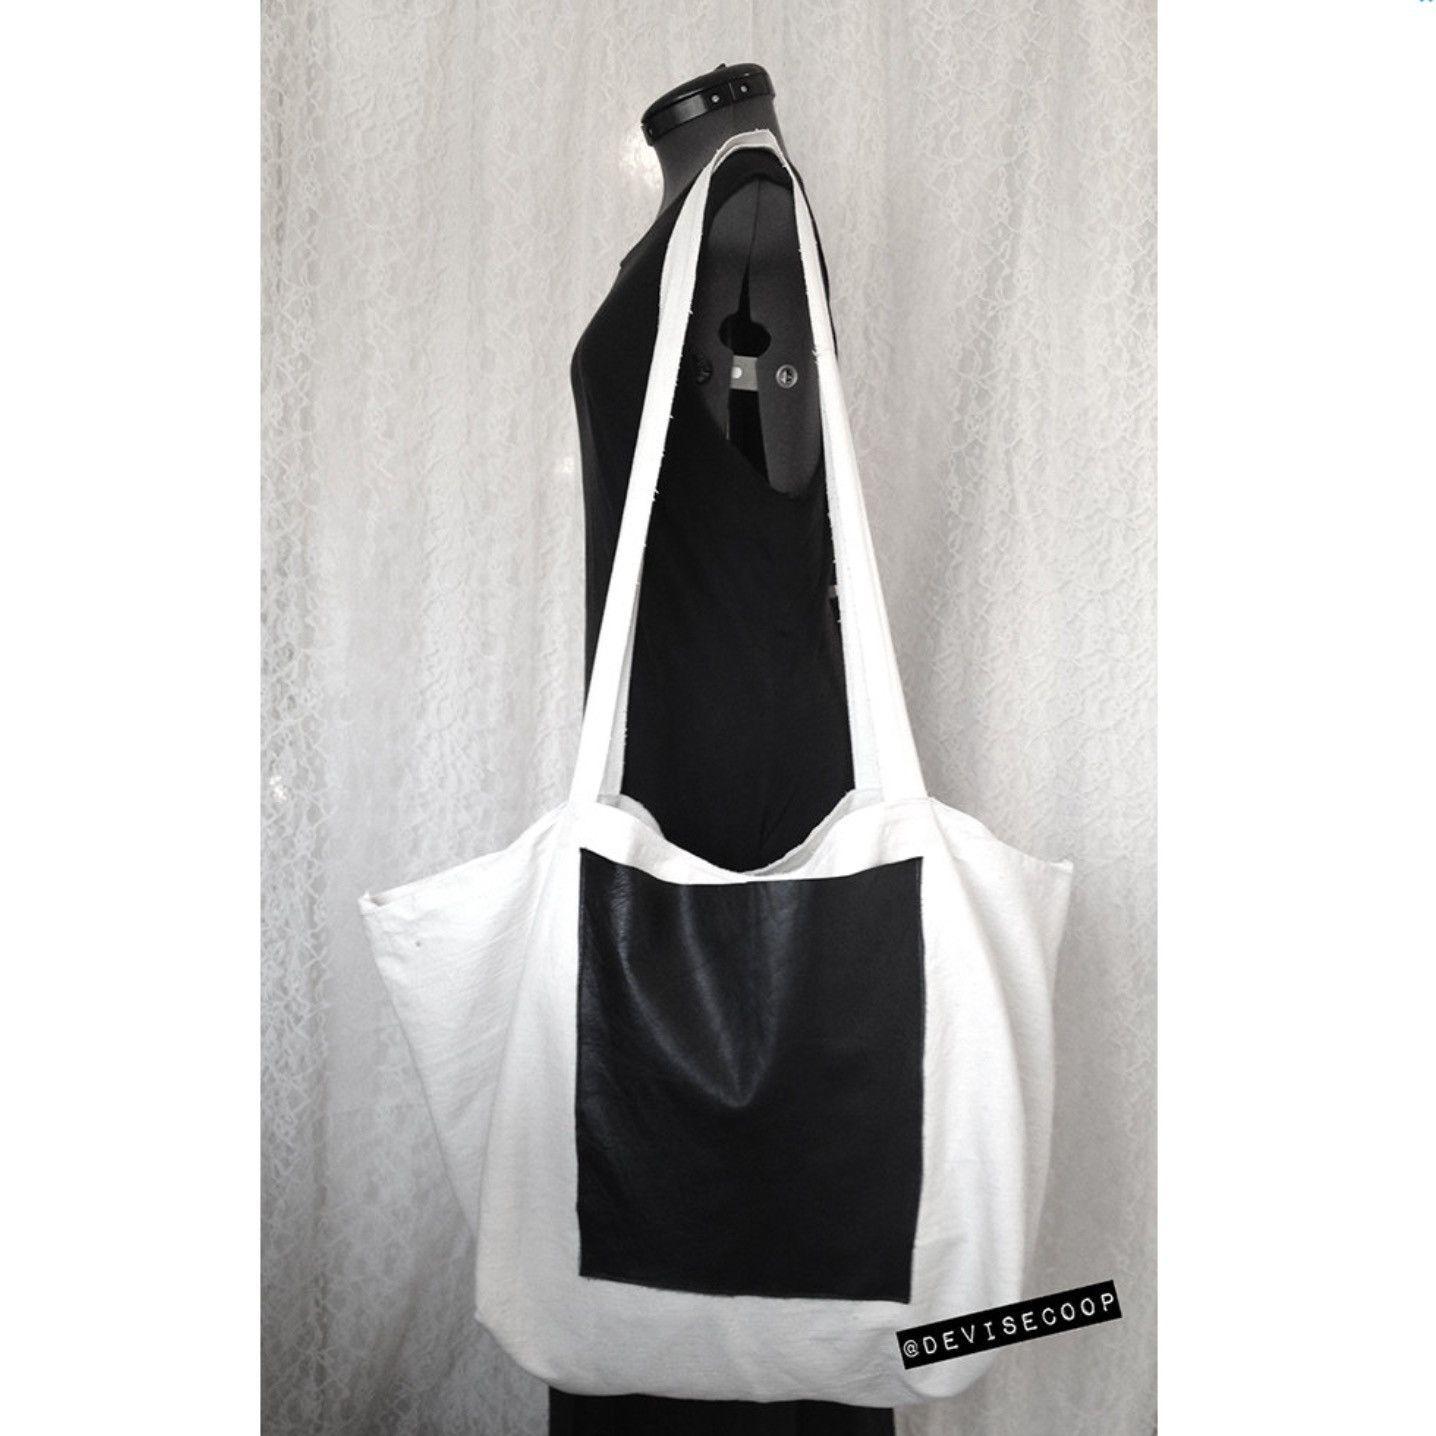 Stylist XXL Canvas Shopping Bag by V&Ymart